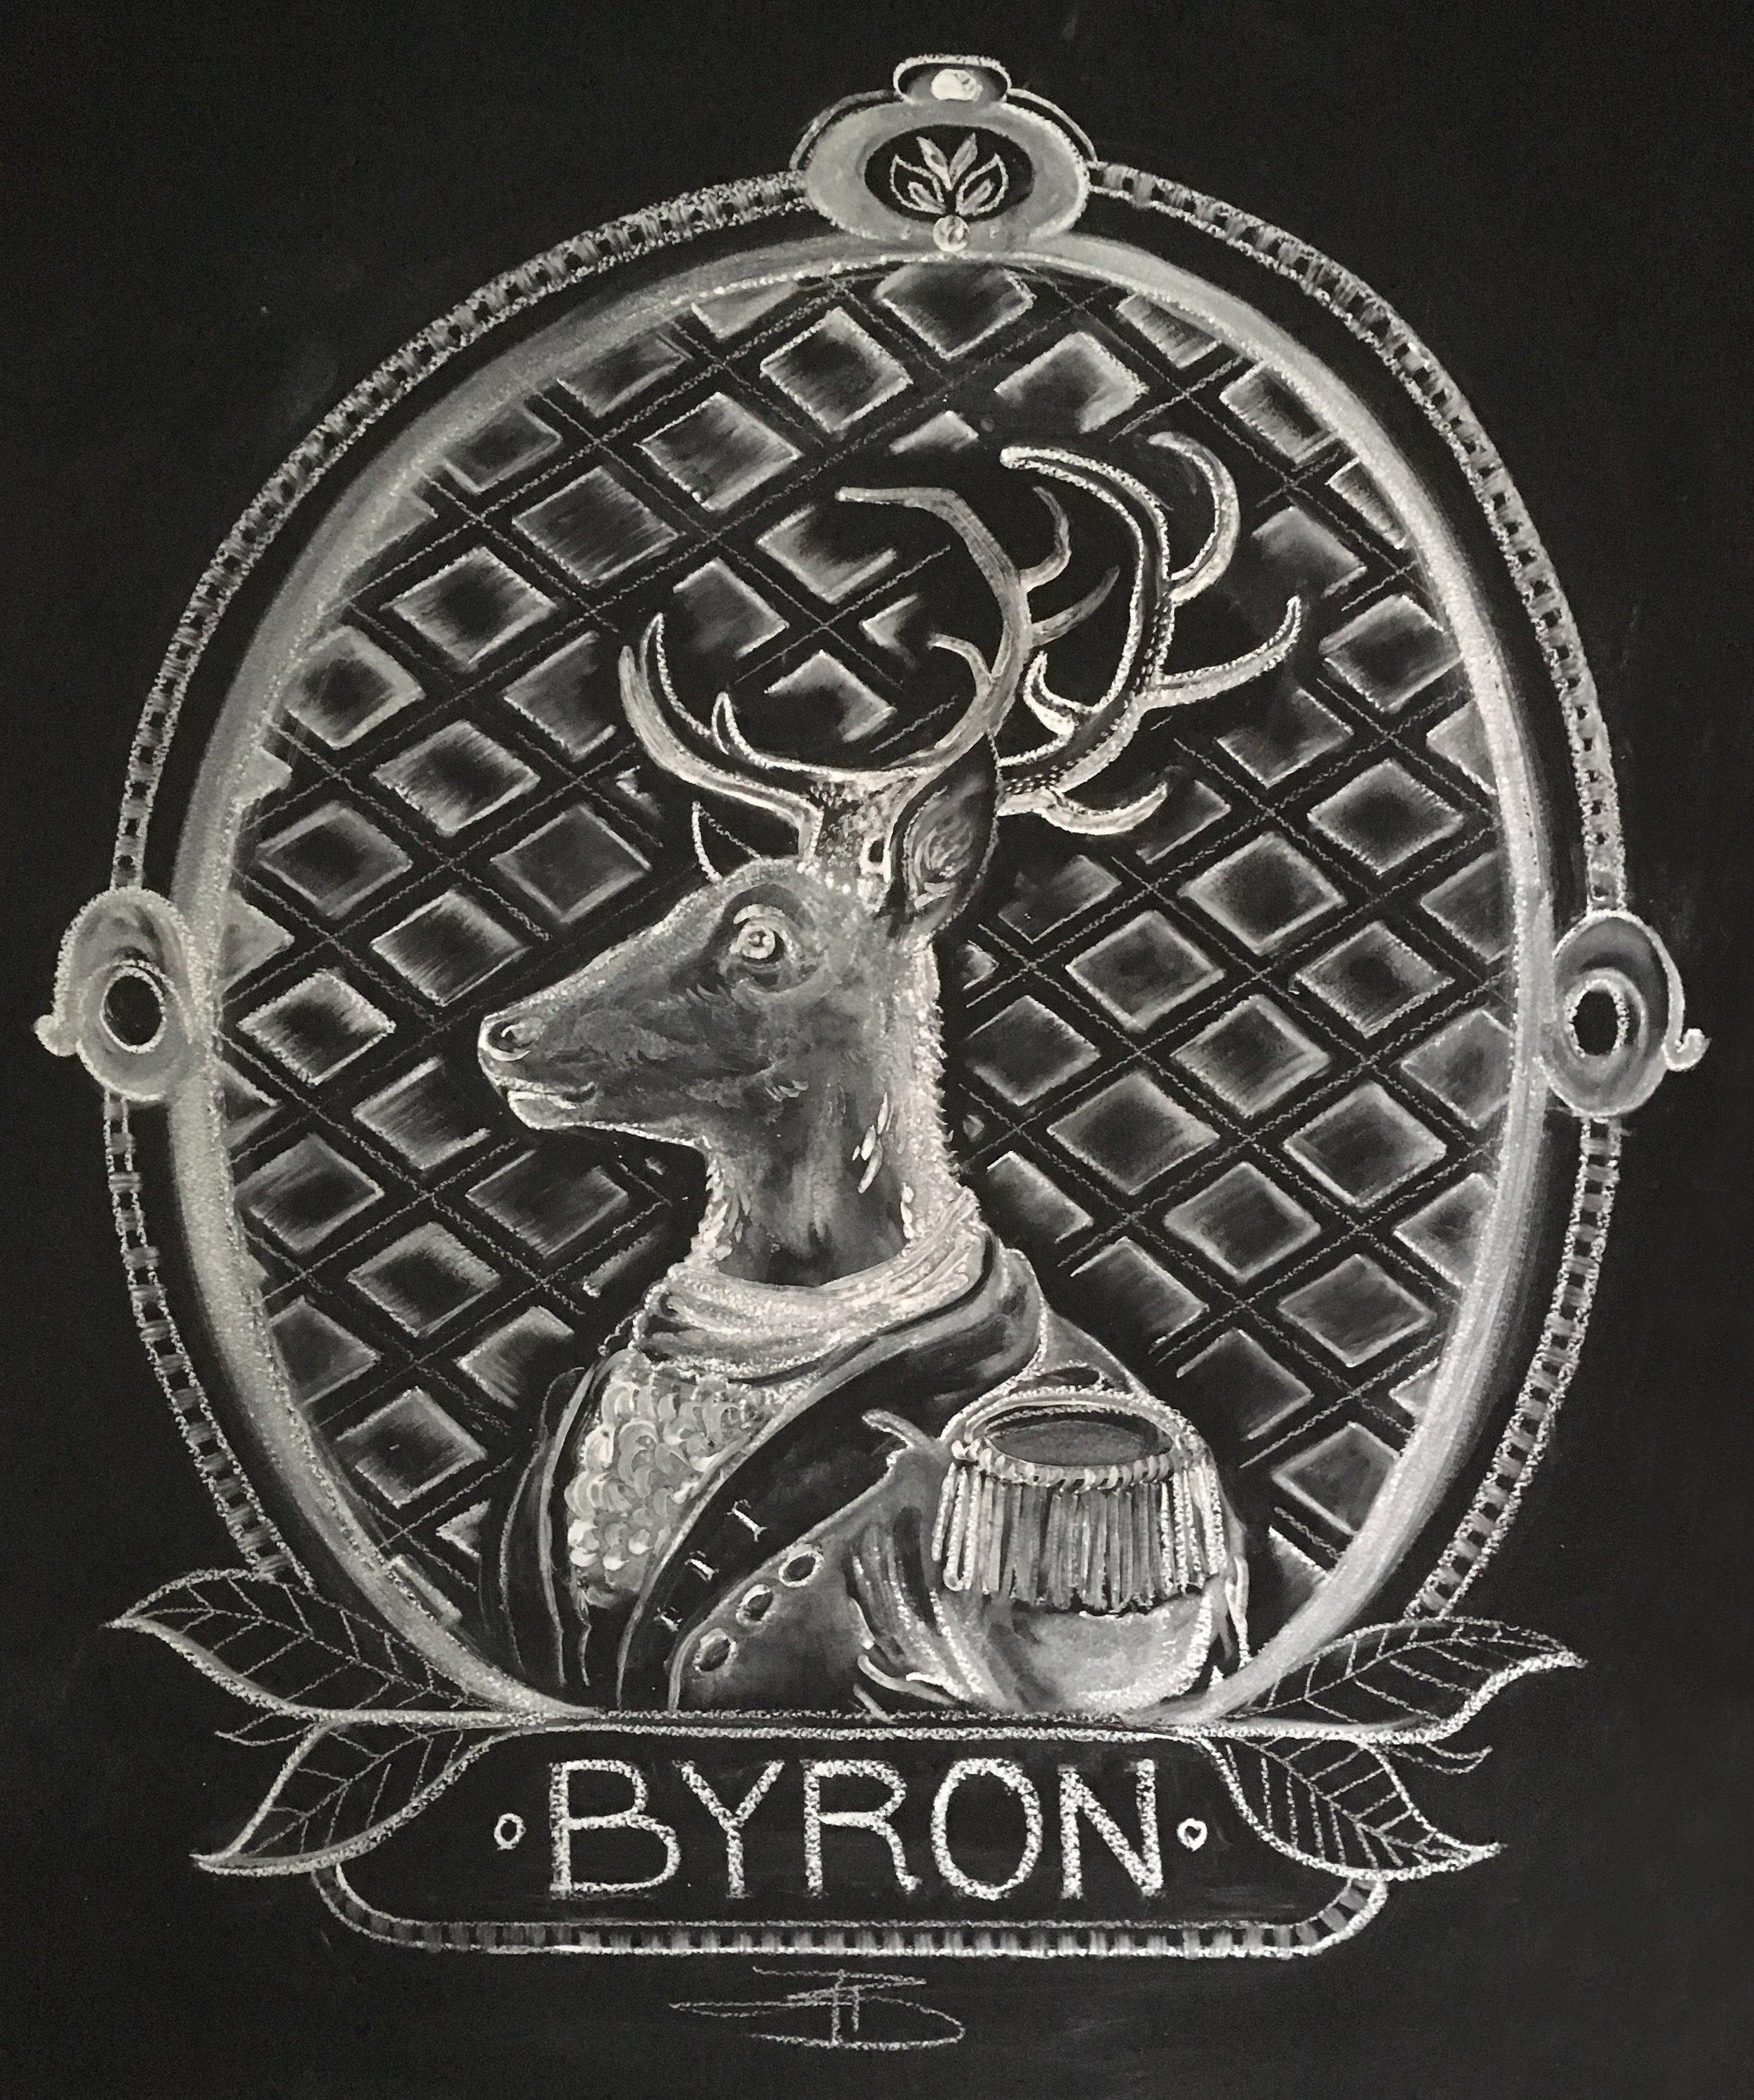 Byron (Chalk, 2016)